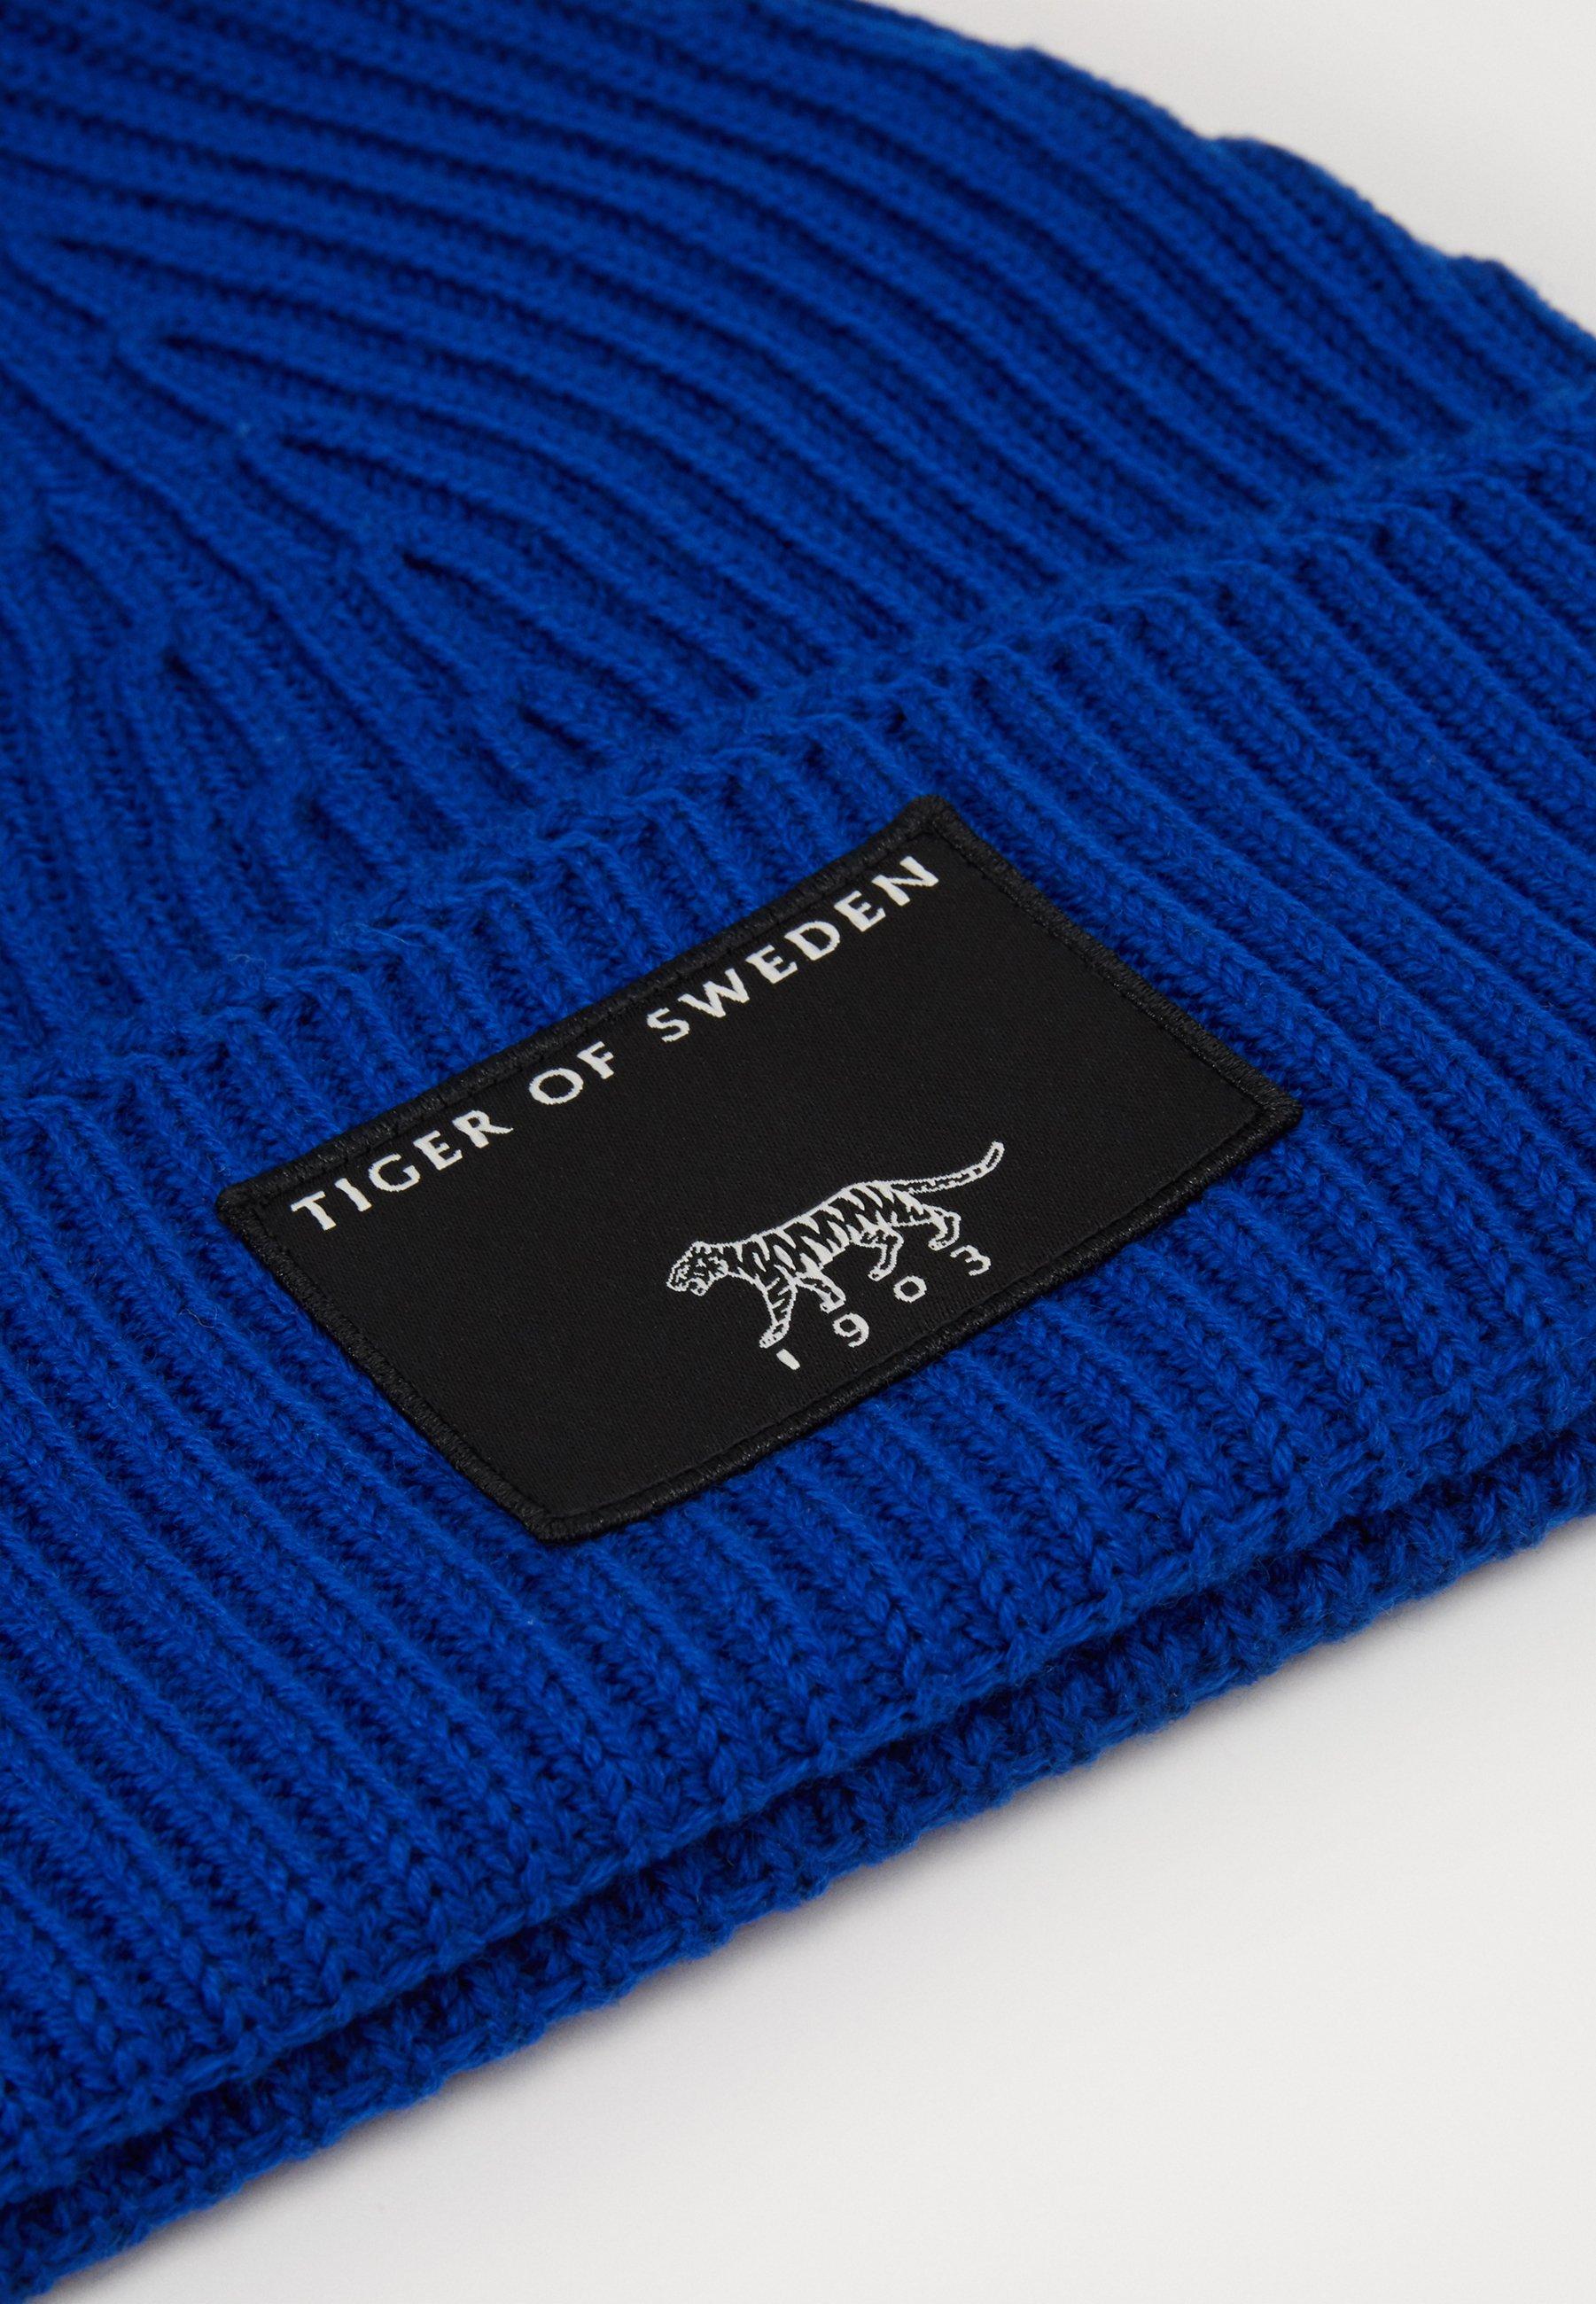 Tiger of Sweden HOLLEIN - Lue - berlin blue/blå Z6N5KuXUUrQzPKv